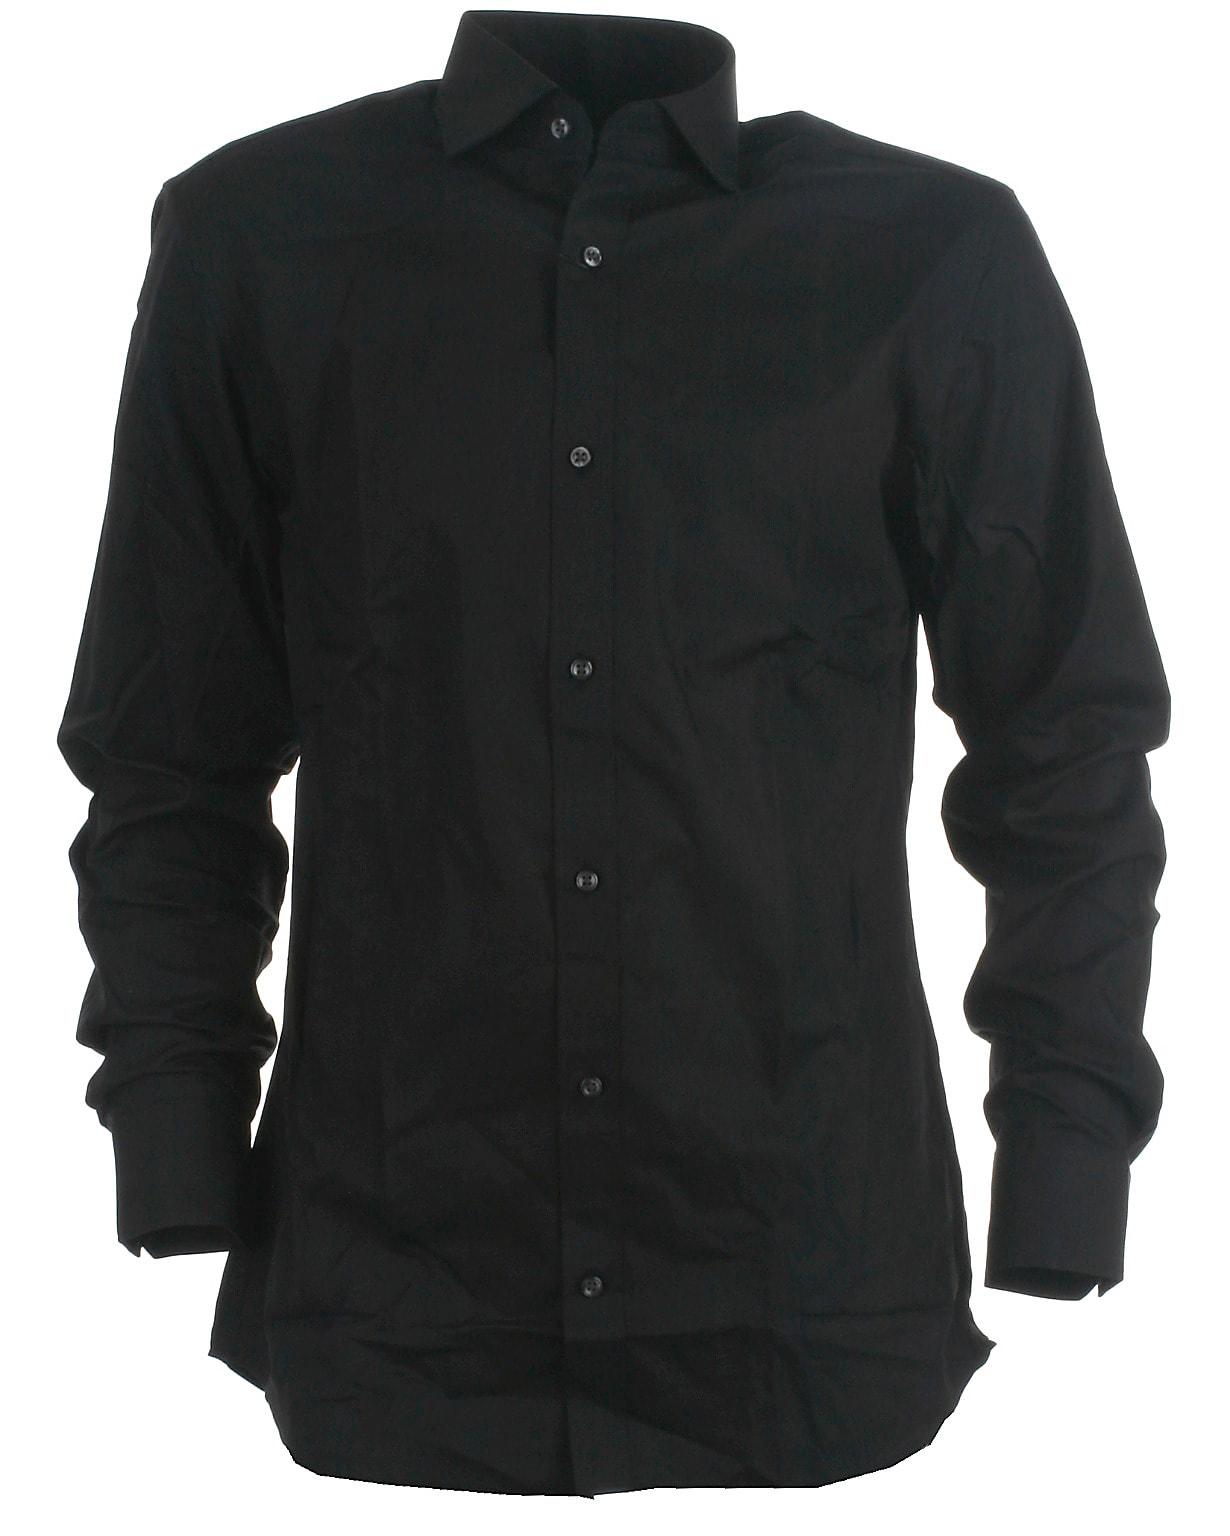 Image of Jack & Jones slim skjorte l/s, Royal, black